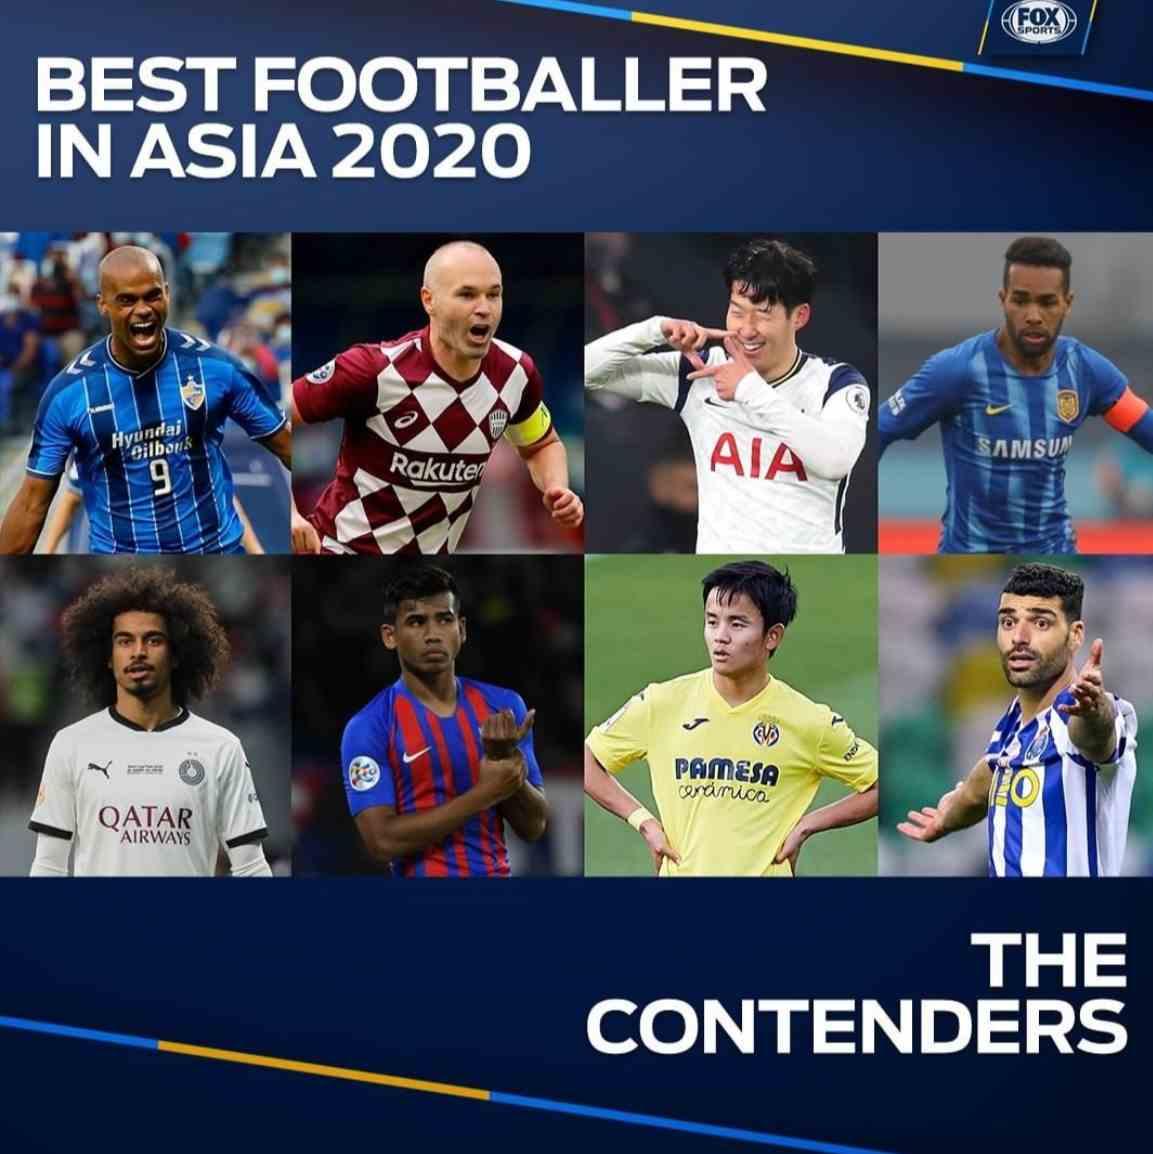 特谢拉获提名亚洲年度最佳足球运动员 孙兴慜伊涅斯塔同入选